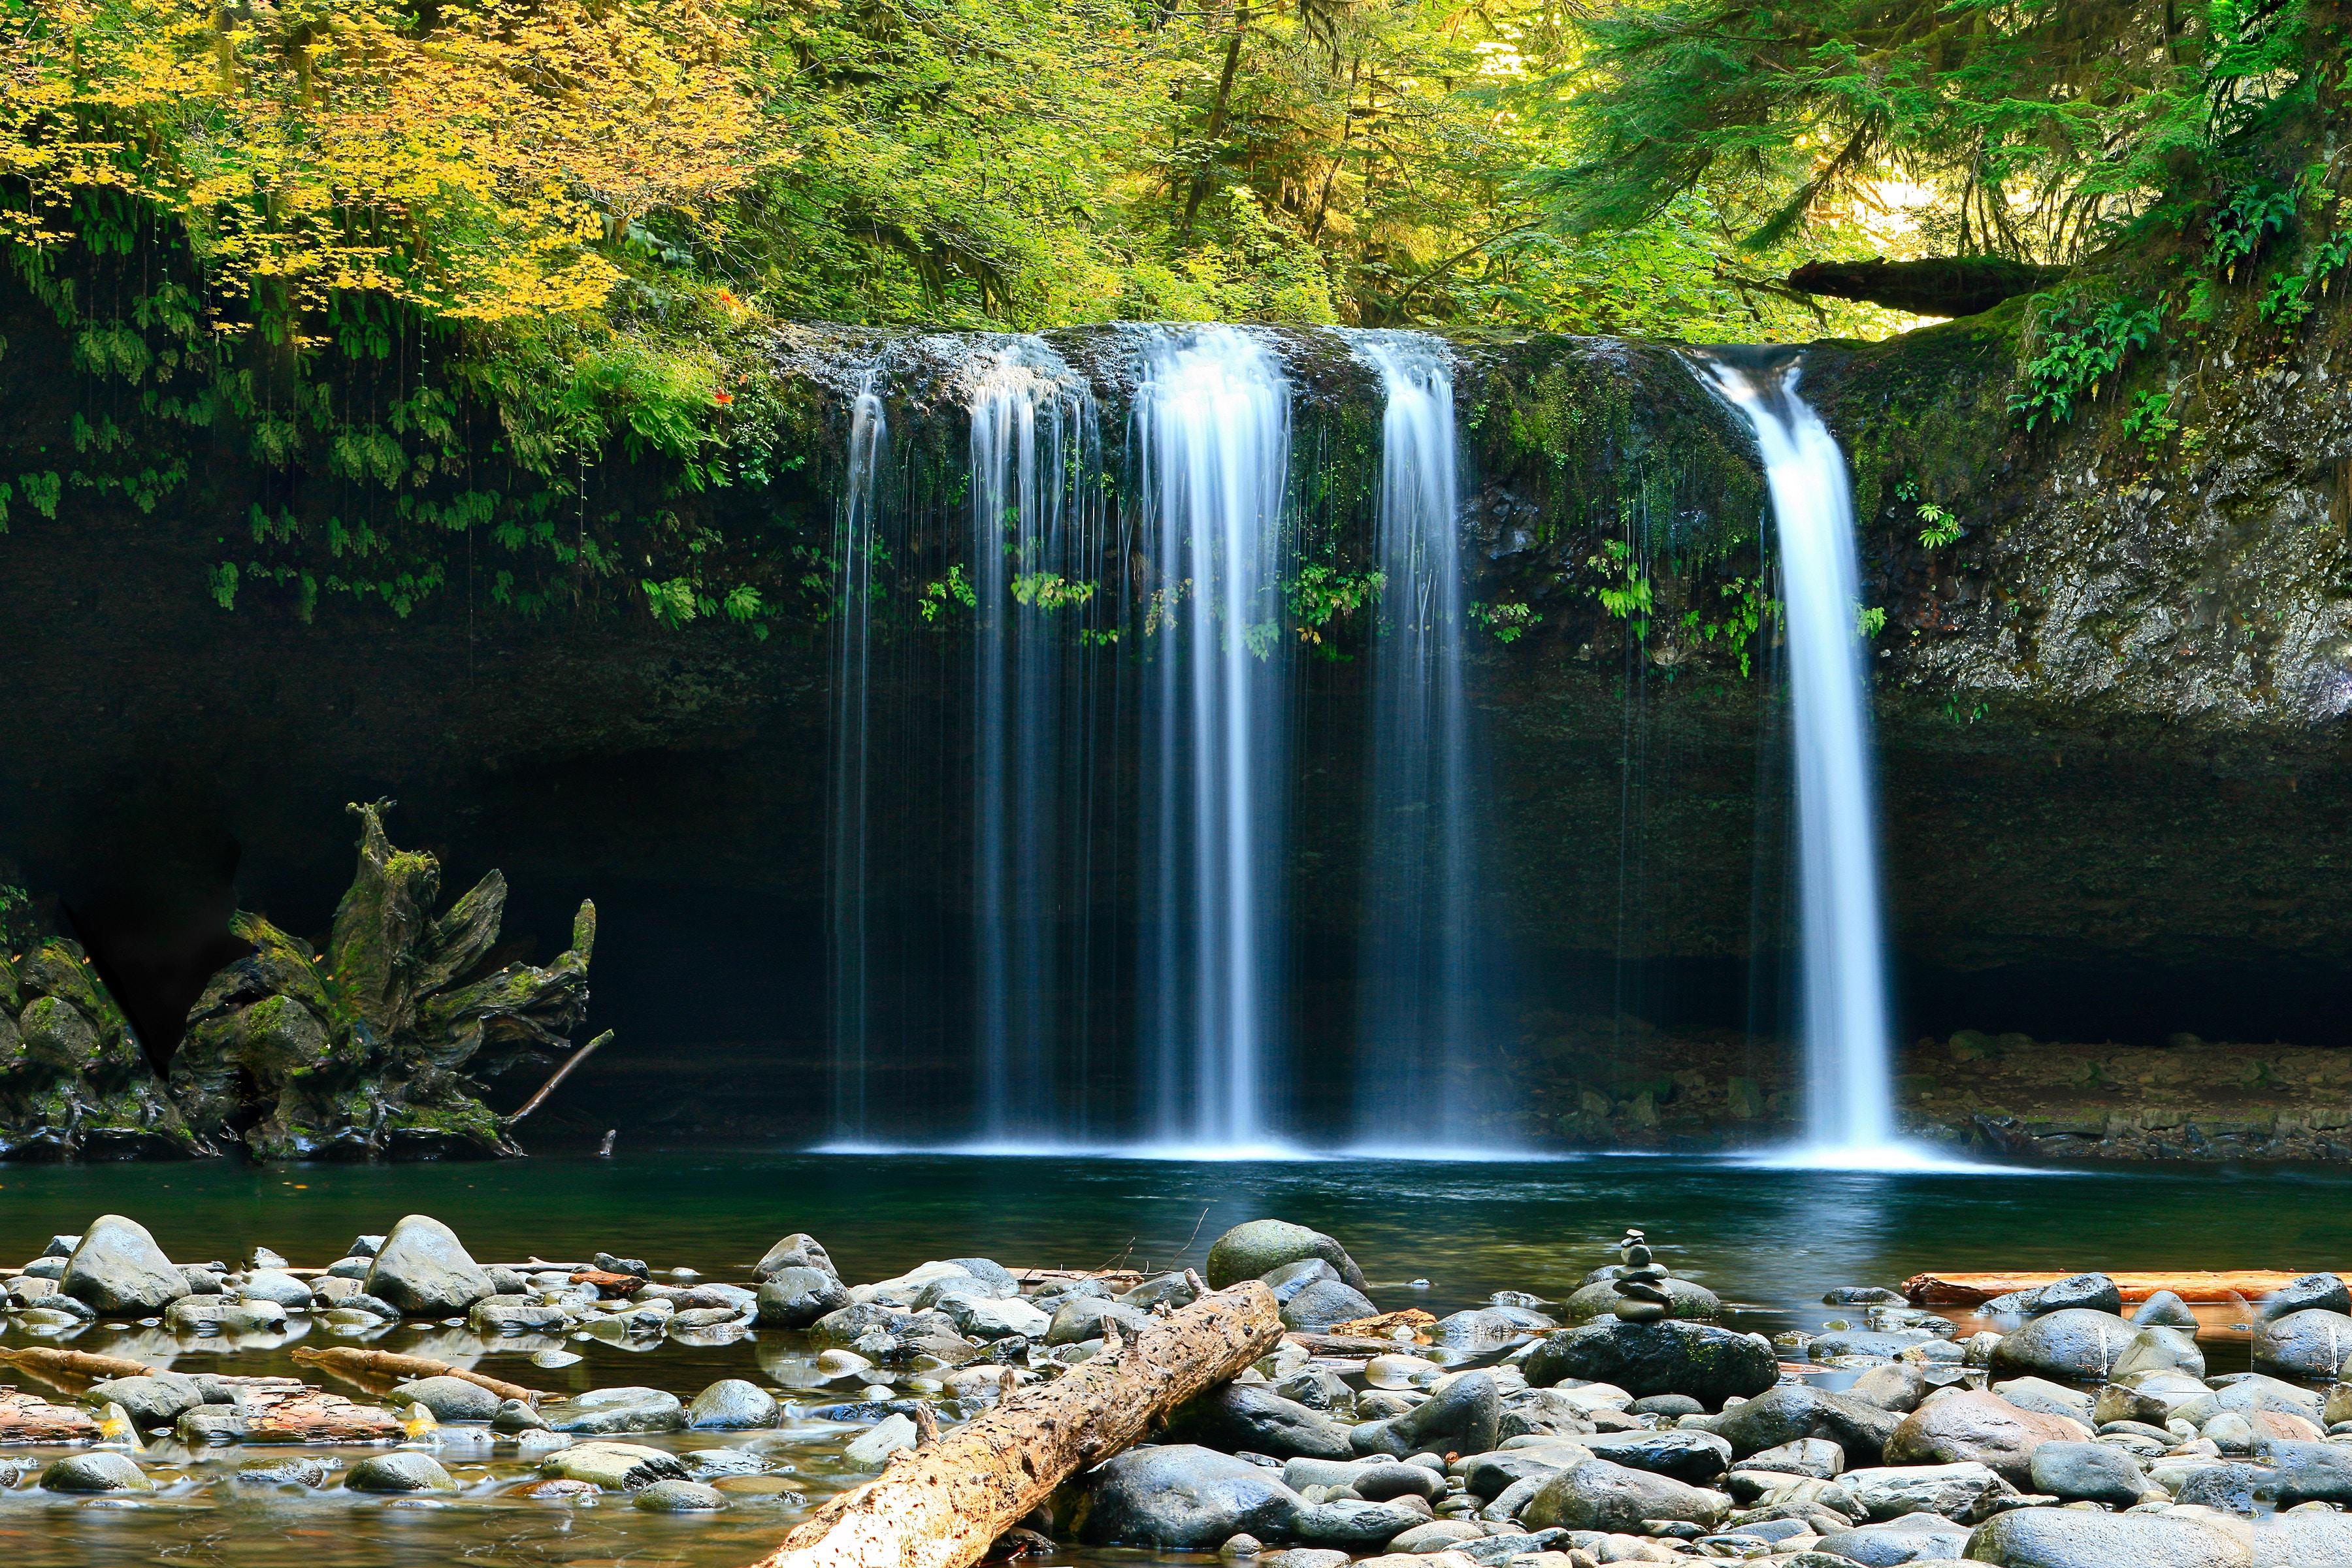 軽井沢の白糸の滝が絶景!見どころやアクセスをまとめて紹介!